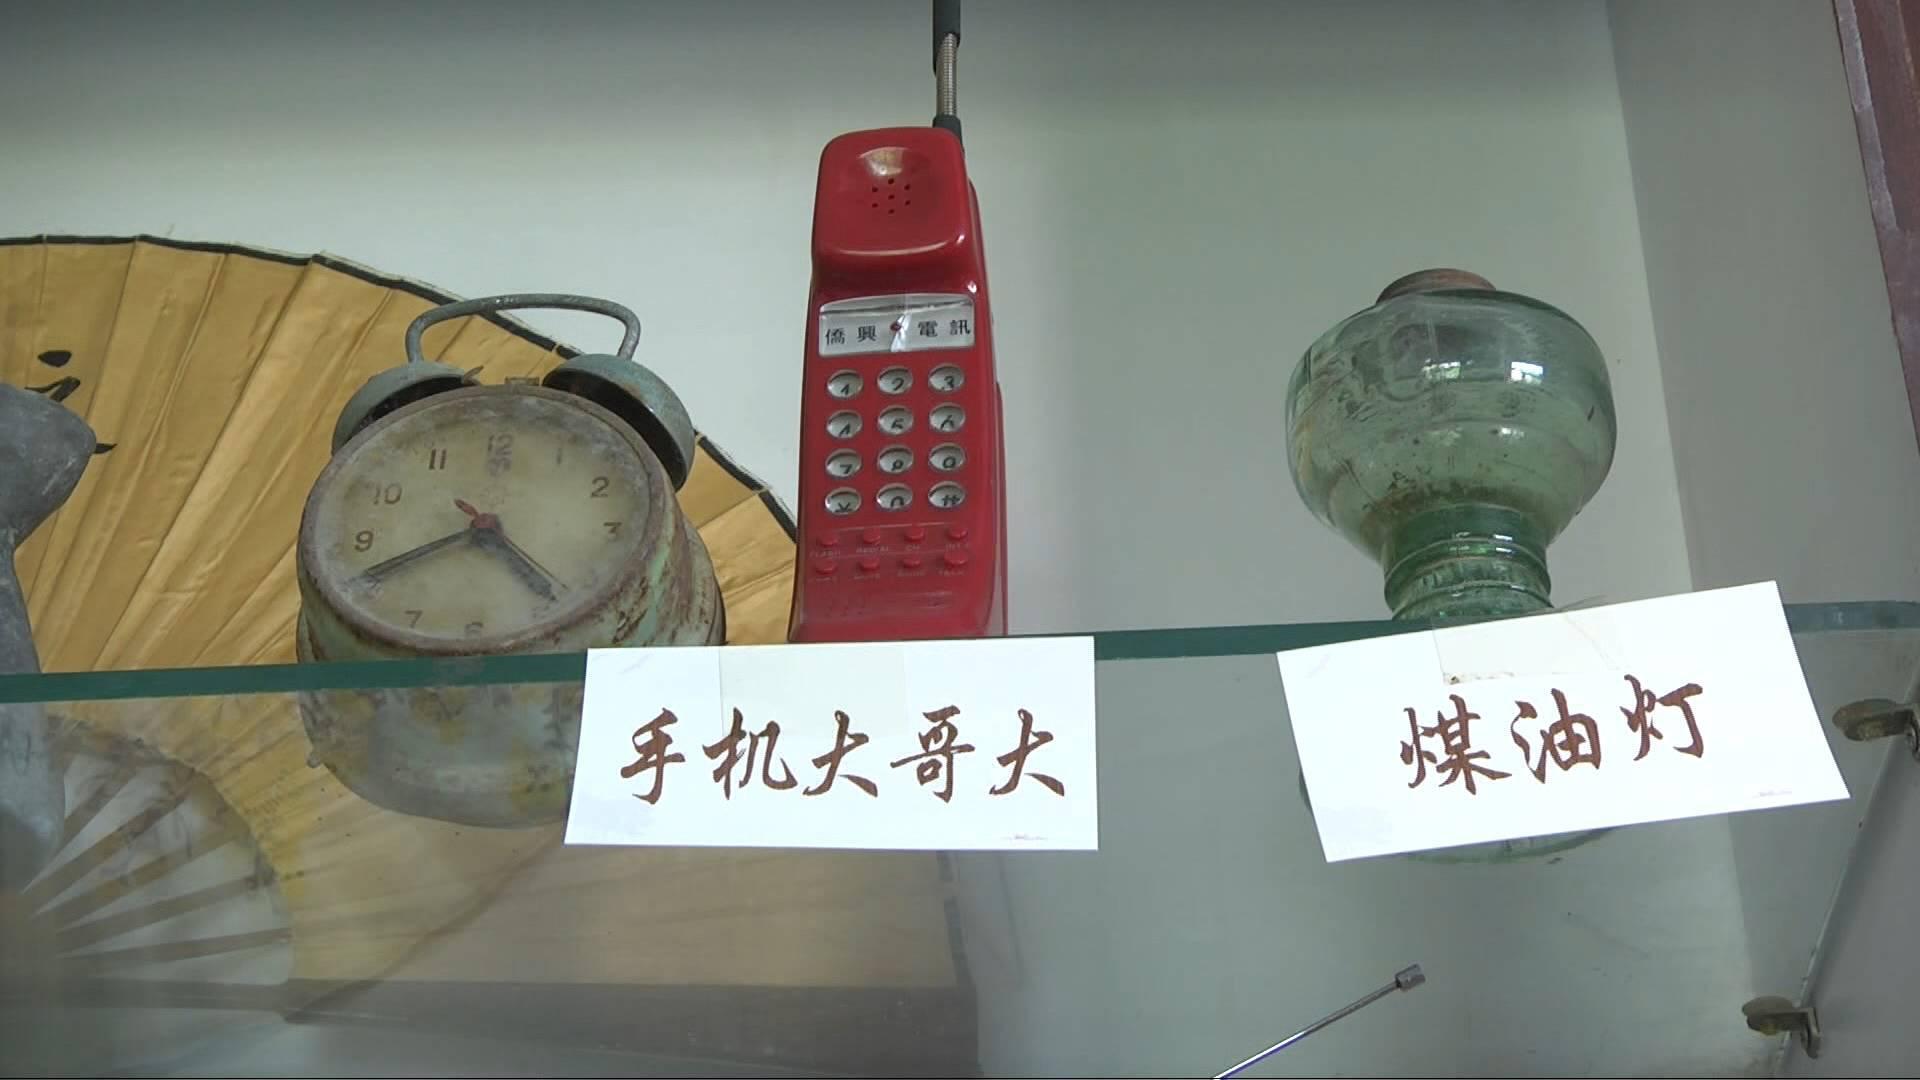 黑白电视机、收音机、小人书、老钟表……在青州老物件展览室里找回旧日时光